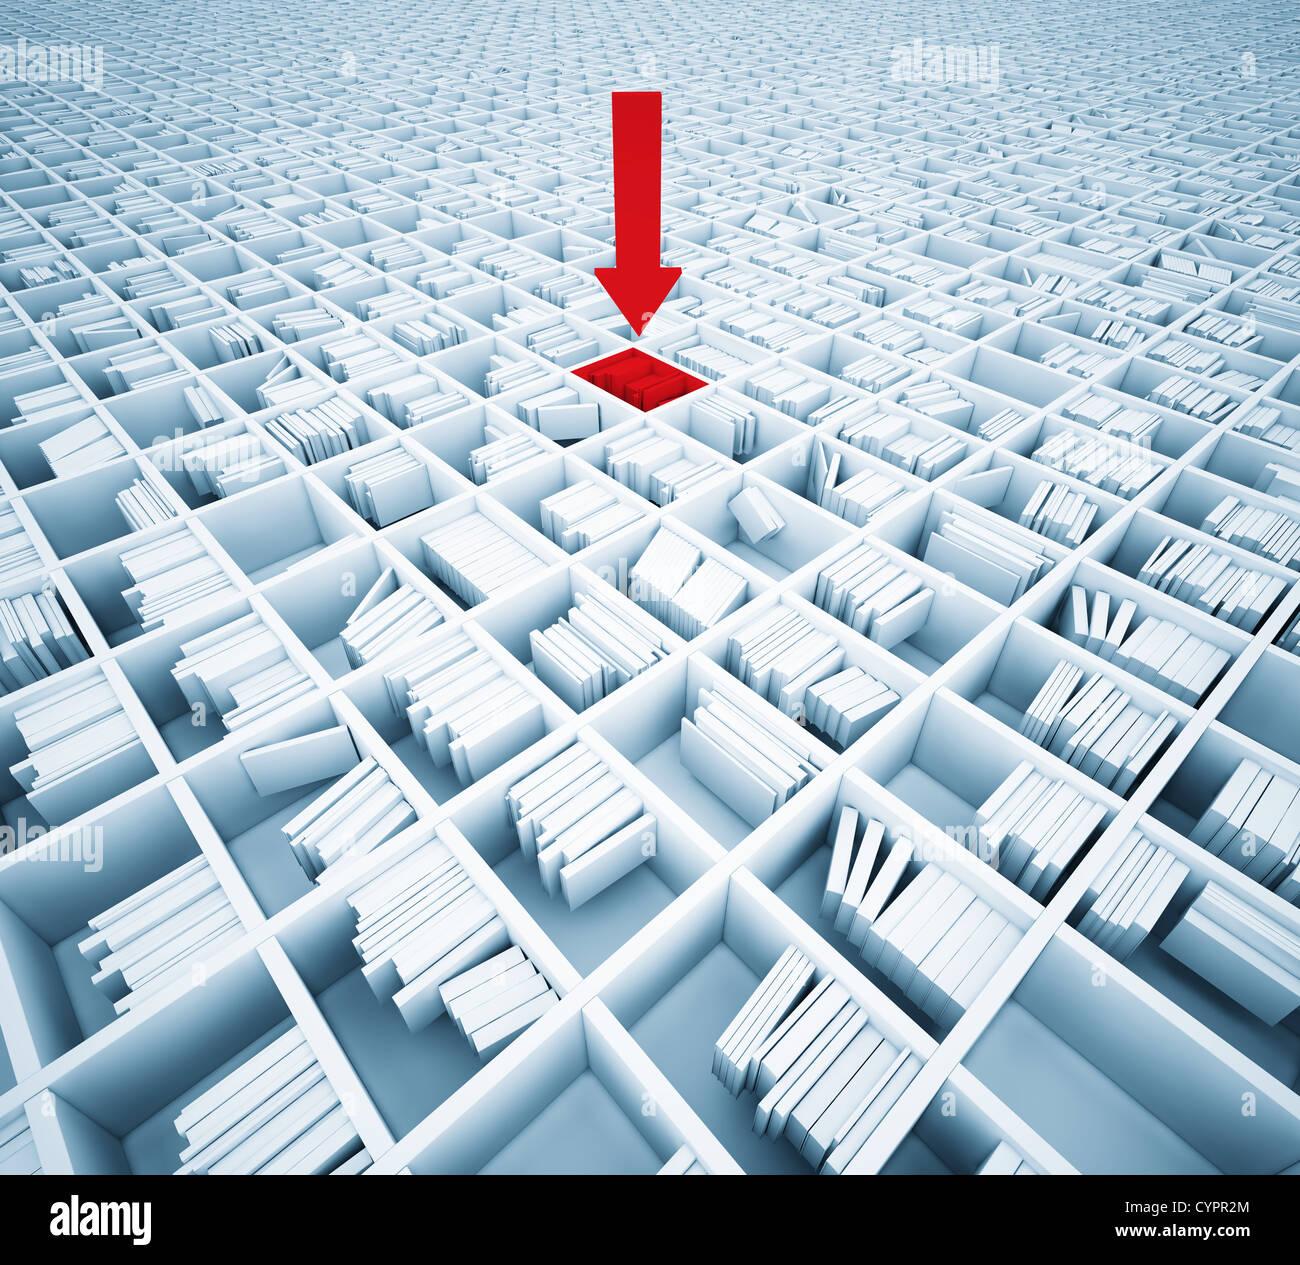 Suche nach Informationen in Matrix der Bücherregale (Abbildung-Konzept) Stockfoto